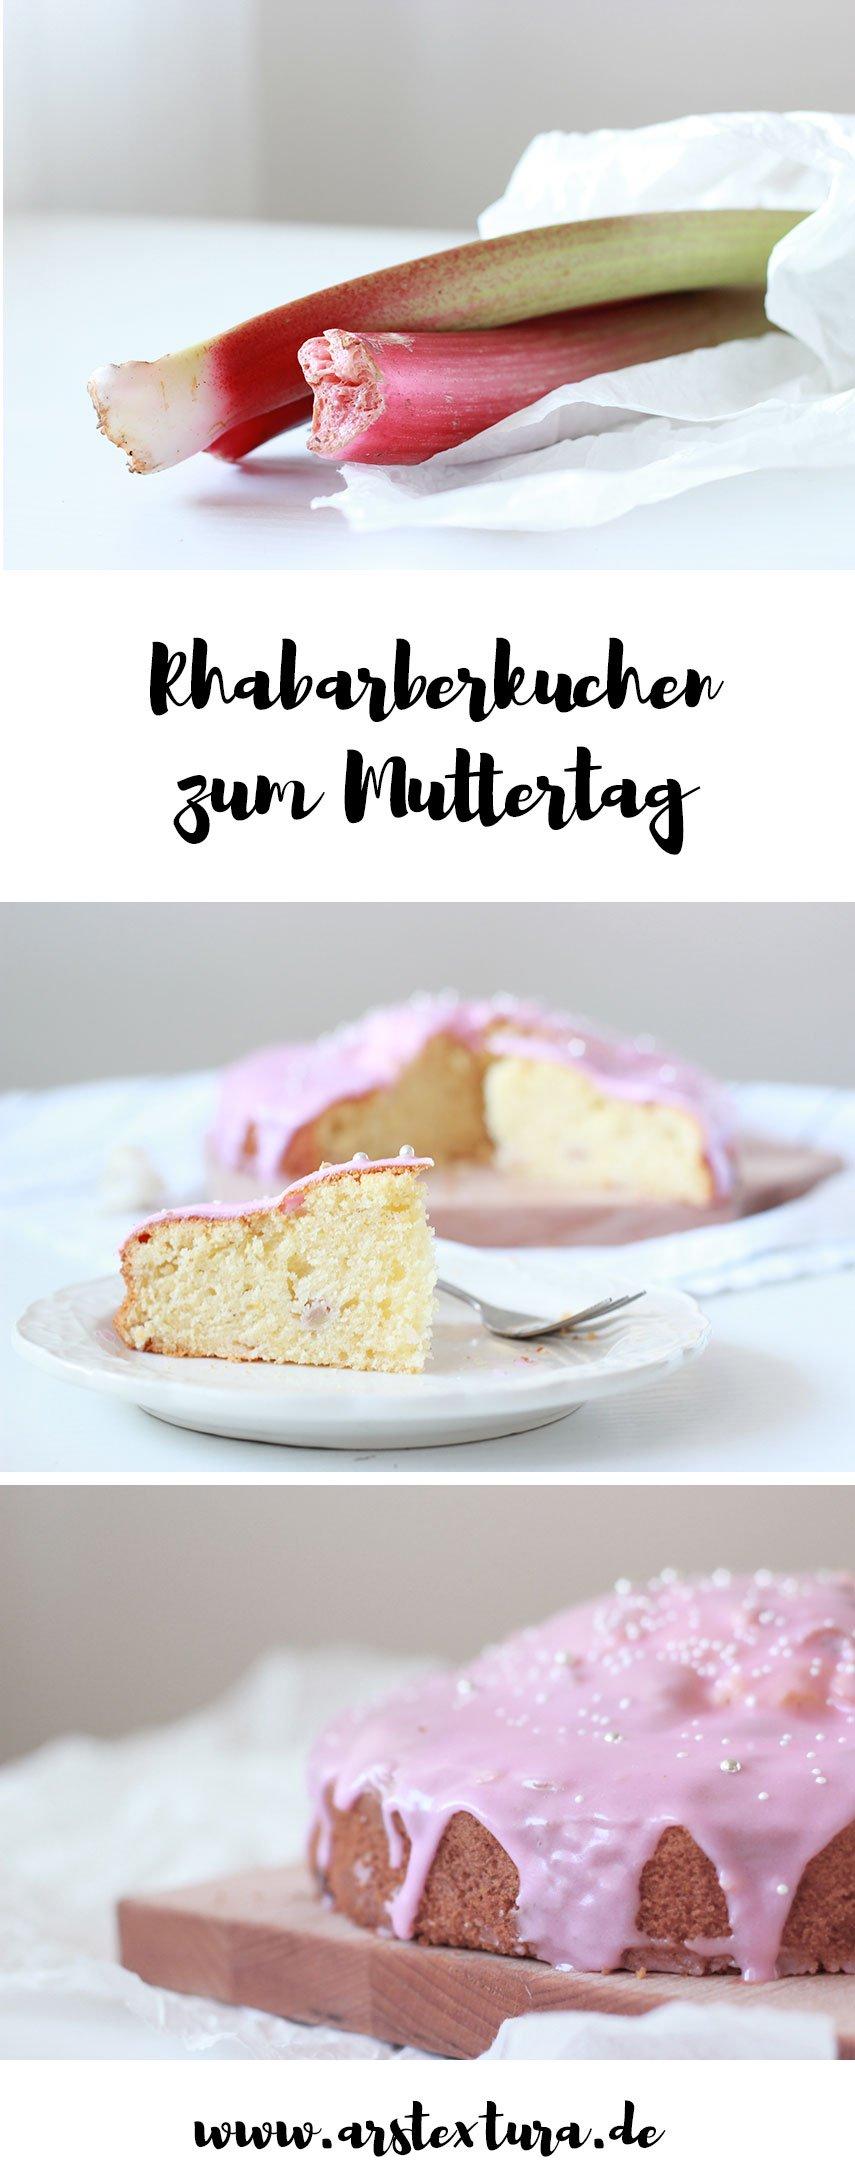 Rhabarberkuchen zum Muttertag